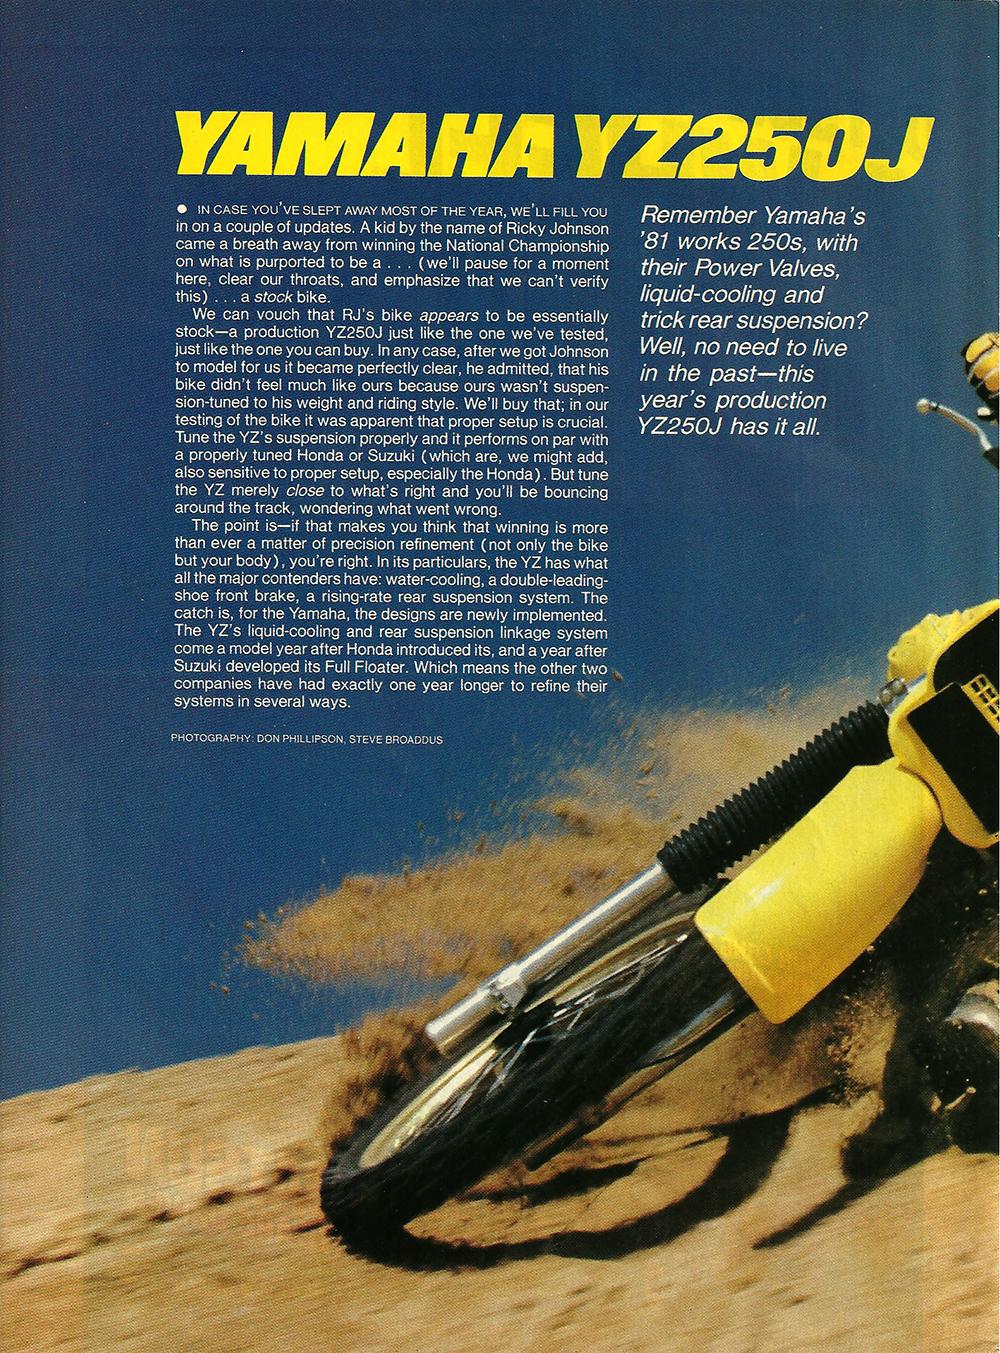 1982 Yamaha YZ250J road test 1.jpg